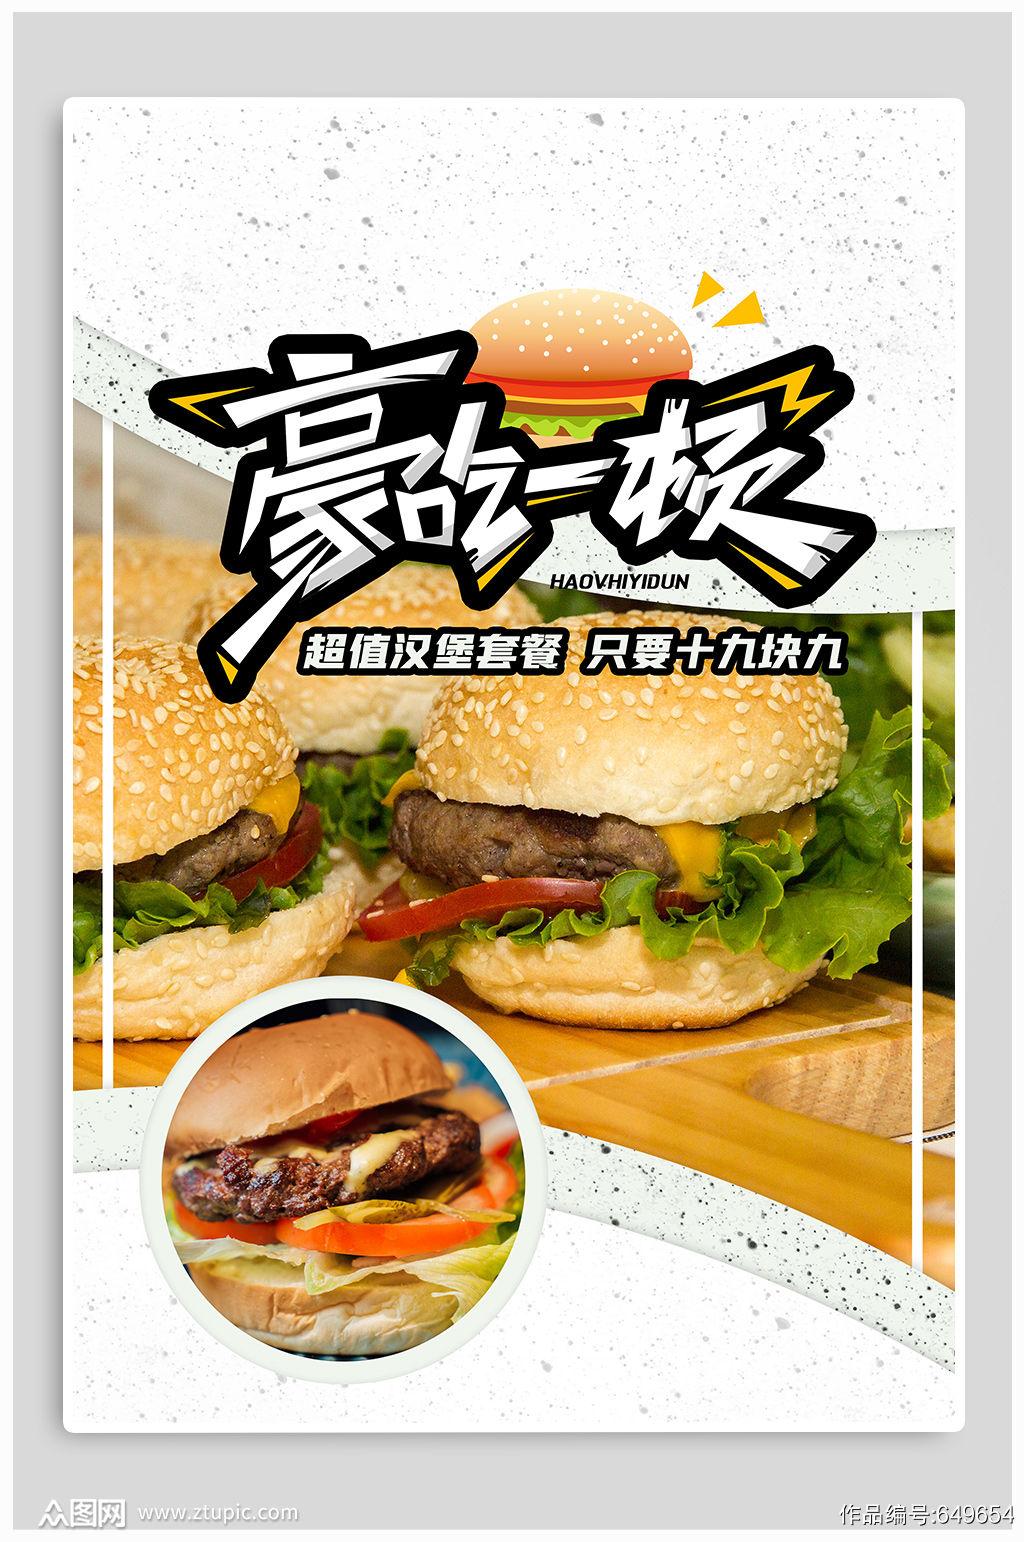 美味汉堡宣传海报素材